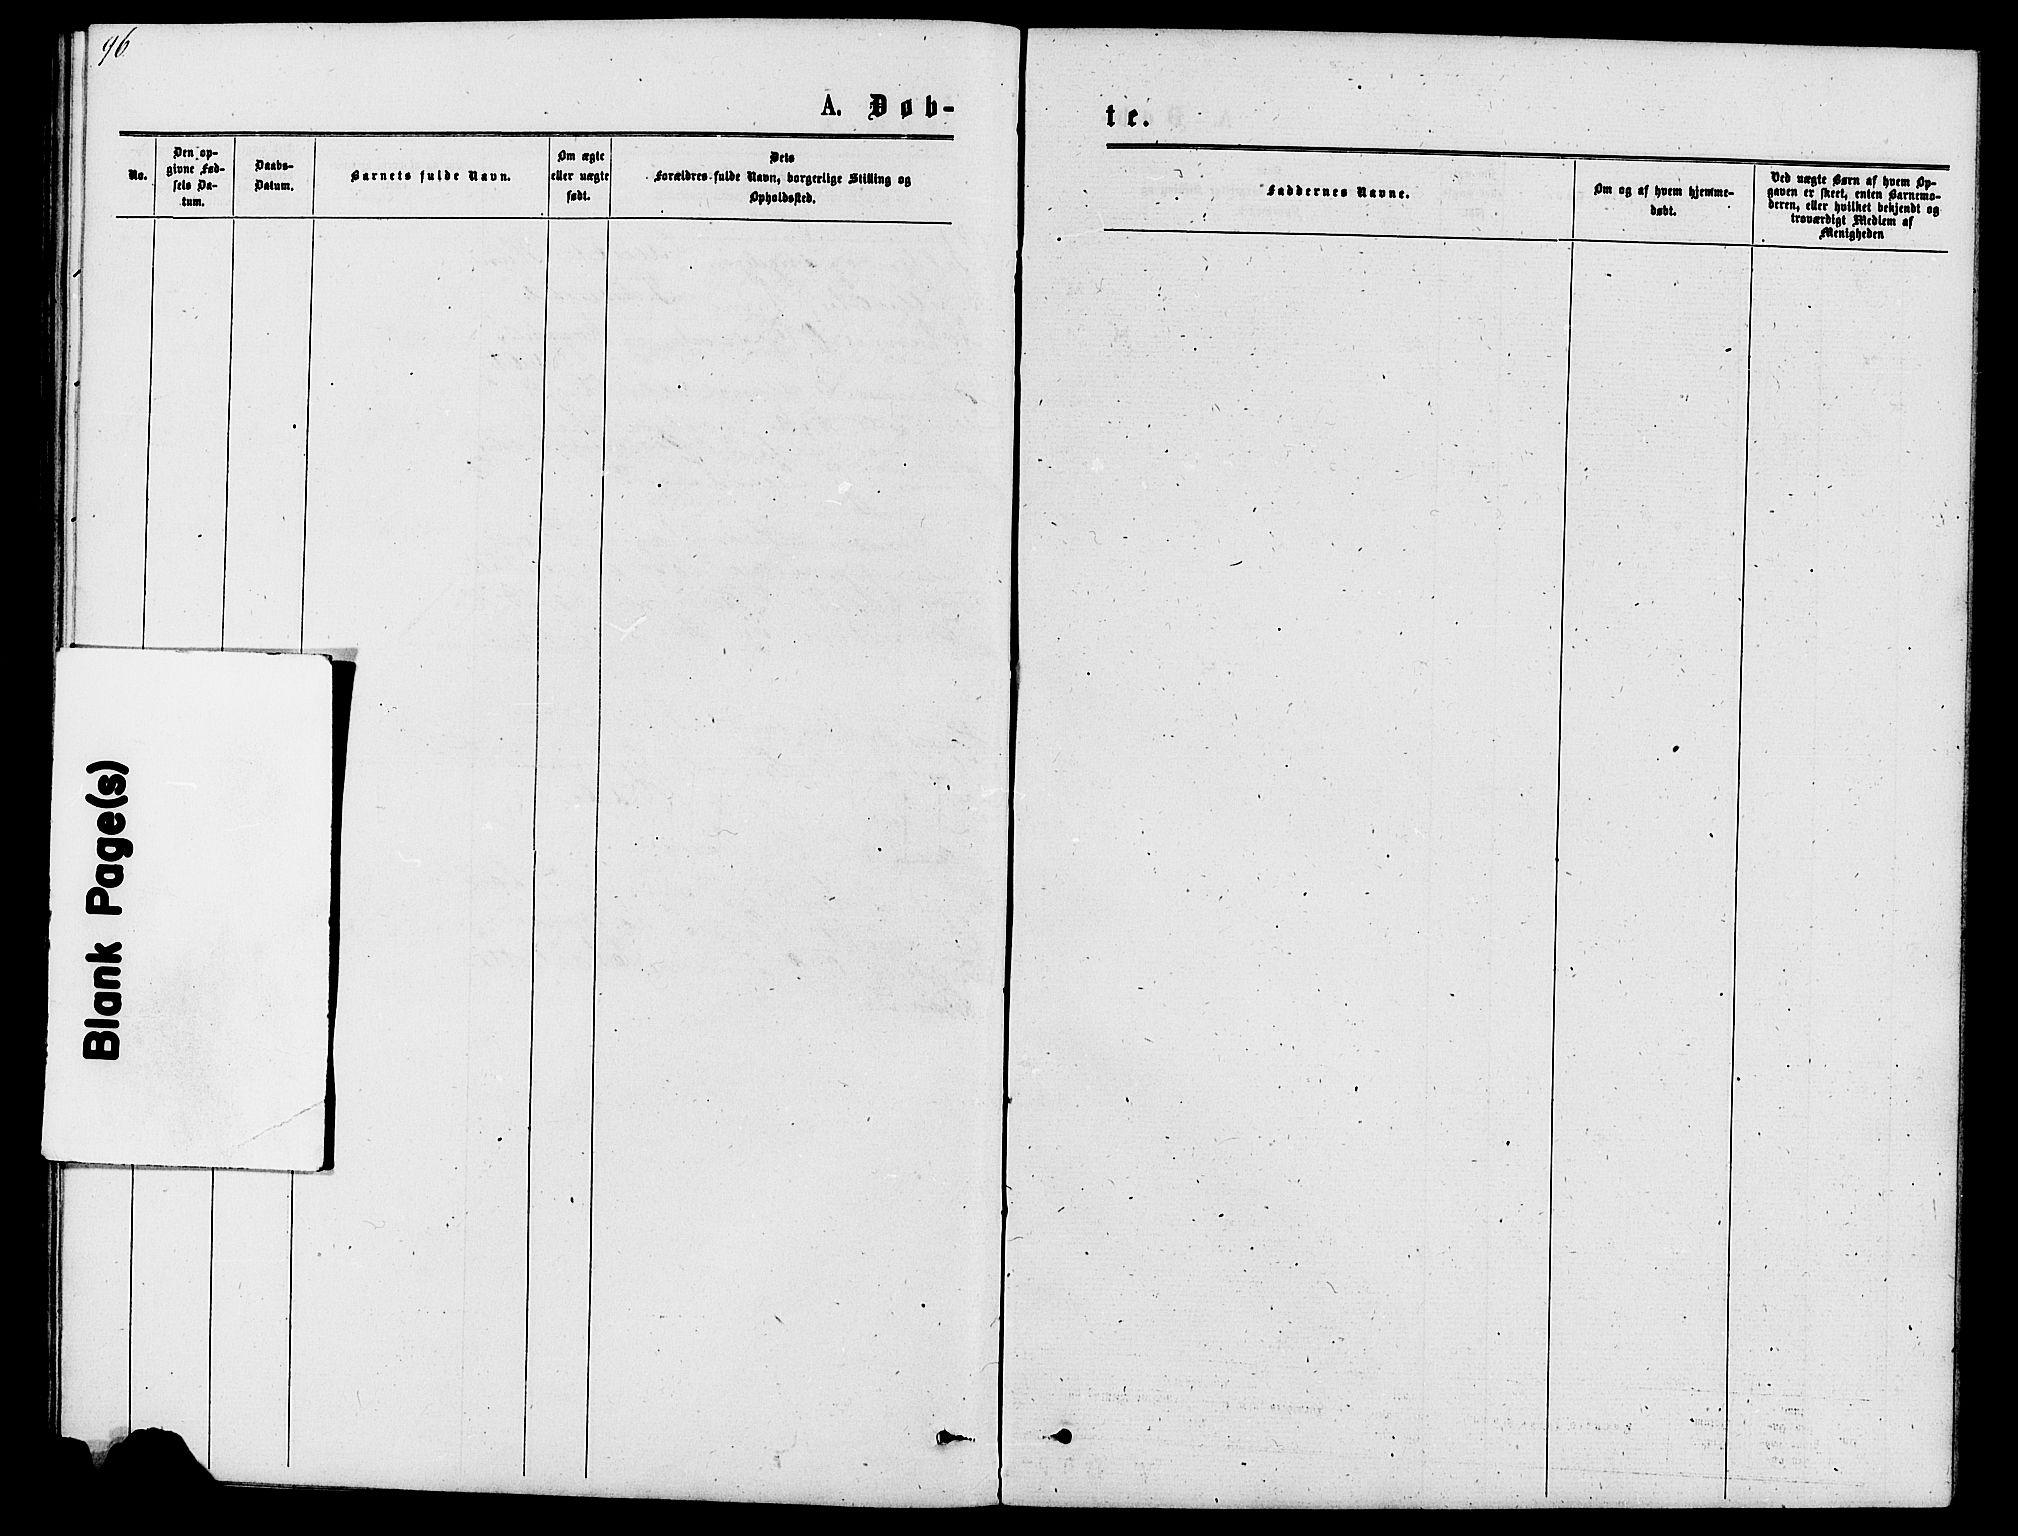 SAH, Lom prestekontor, L/L0005: Klokkerbok nr. 5, 1876-1901, s. 96-97